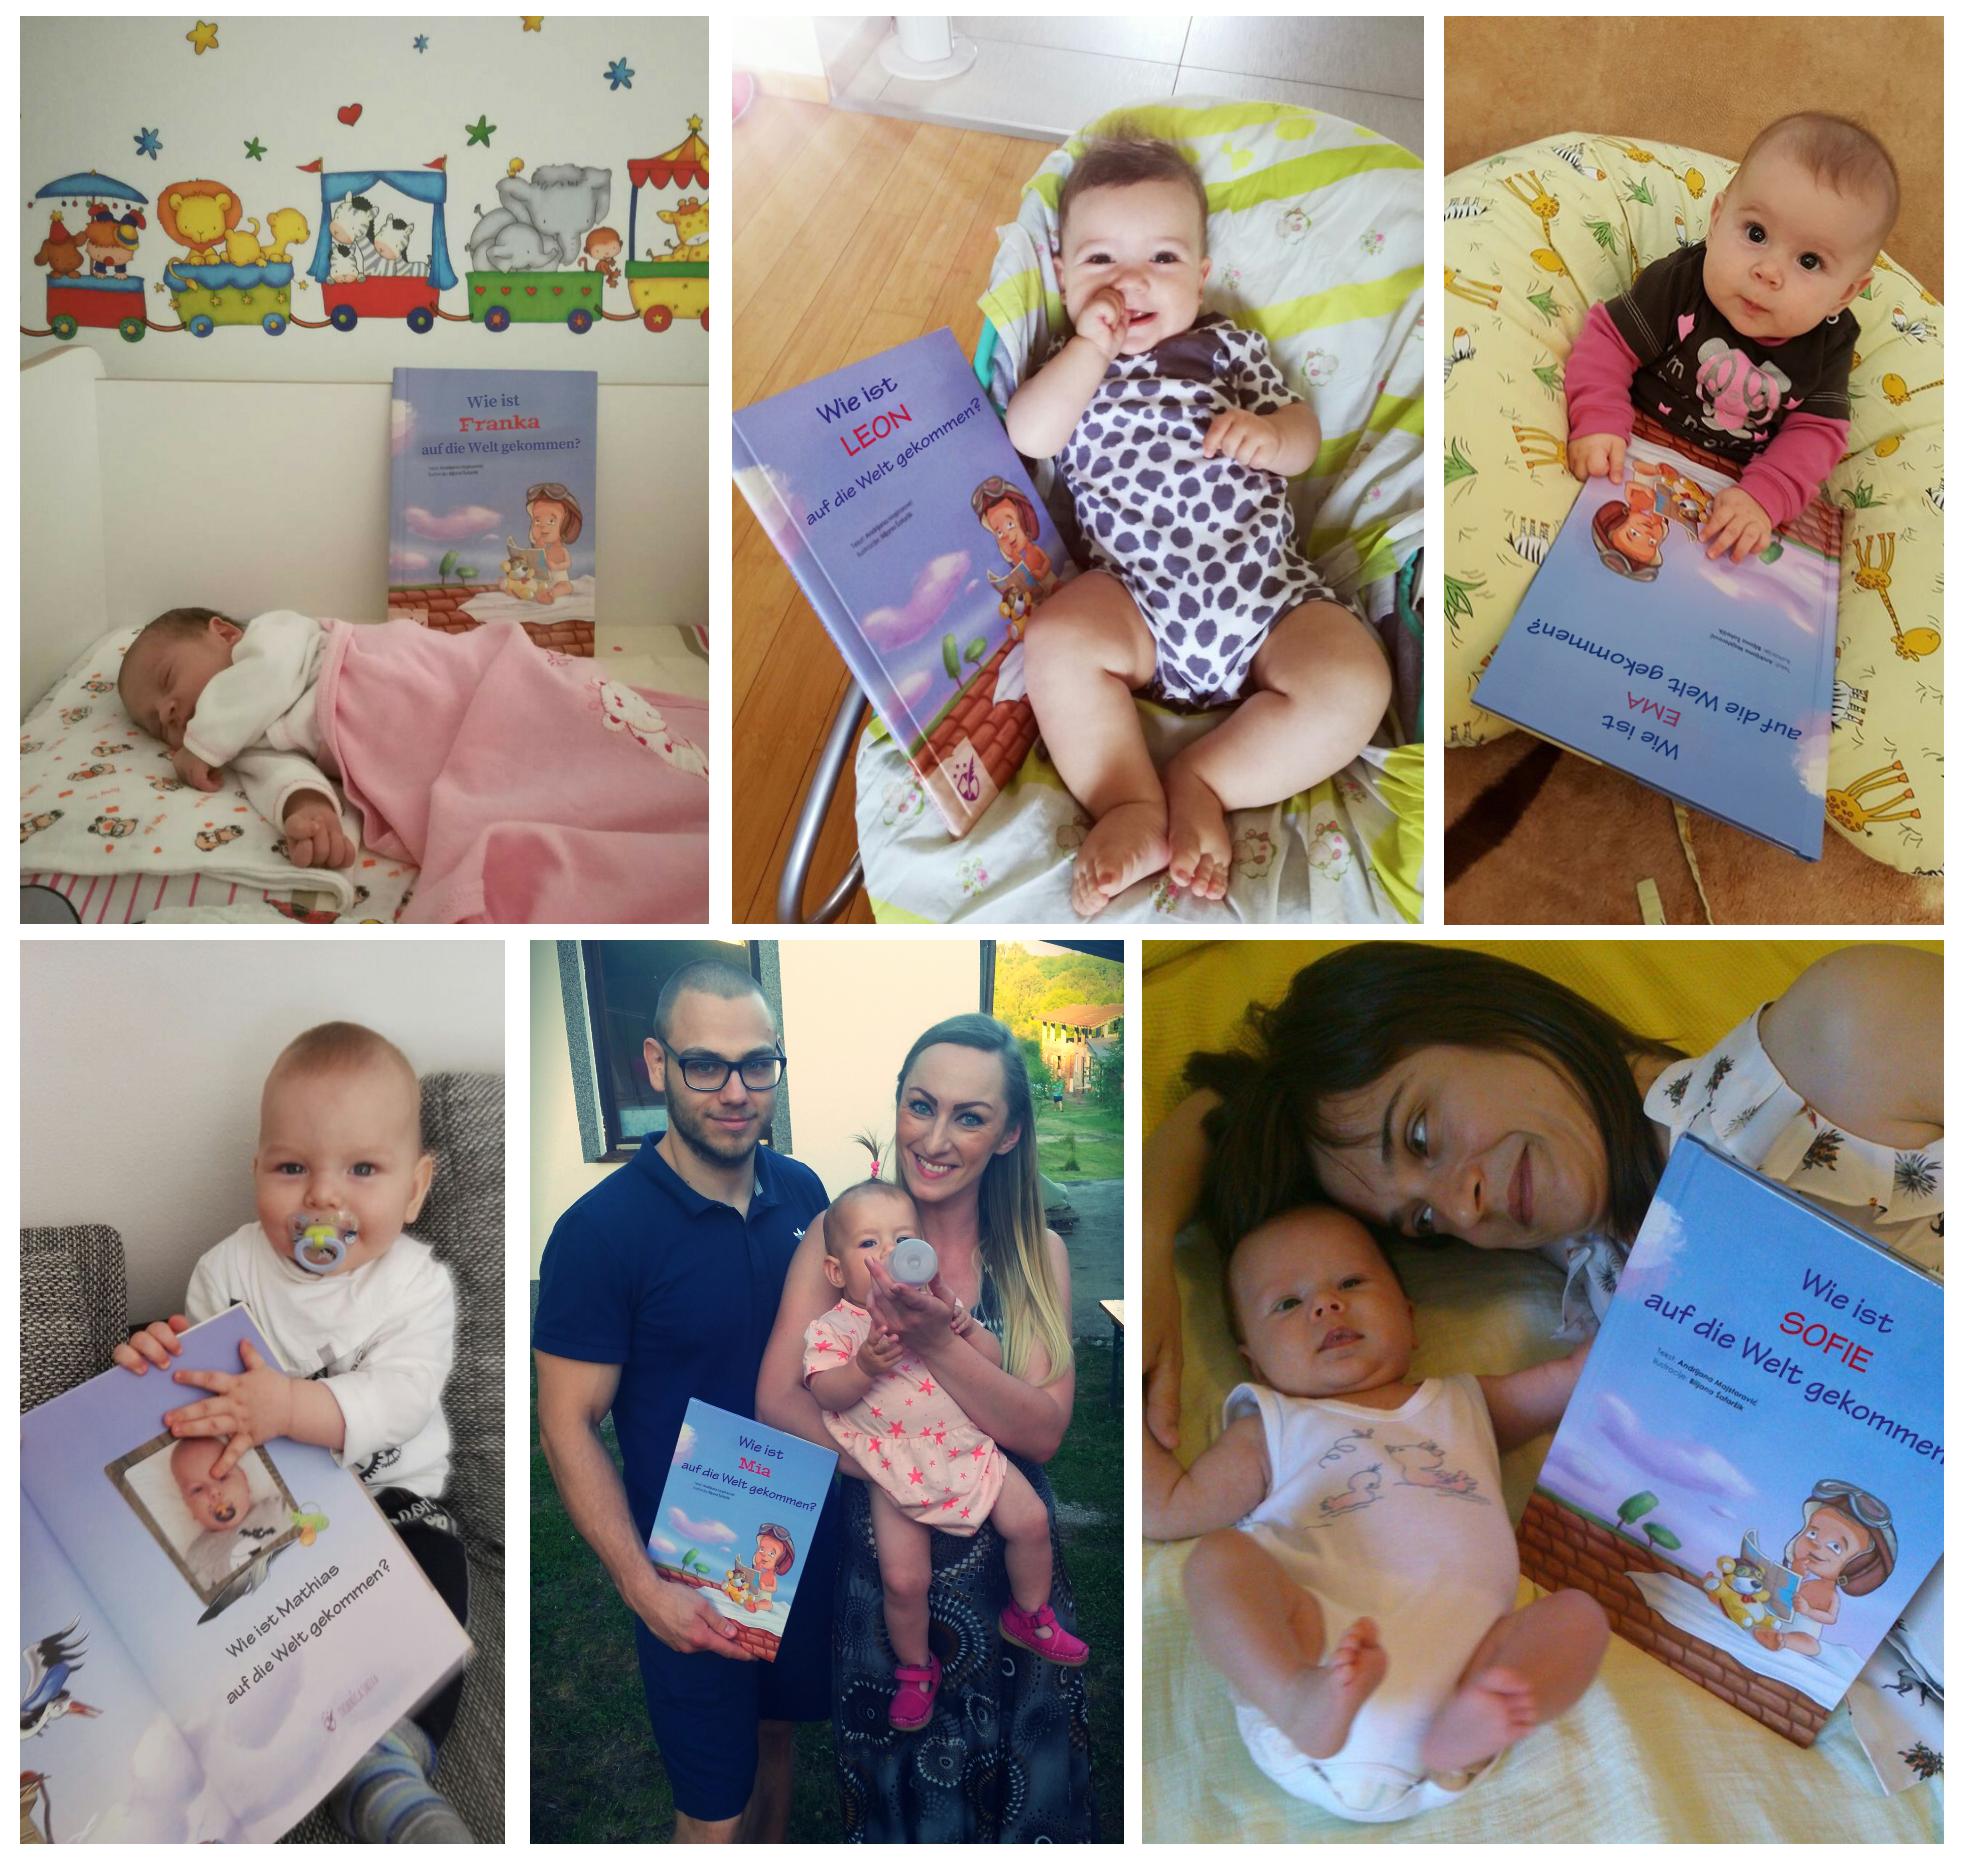 Babies, die Mr. Goodknight Kinderbücher in der Hand halten